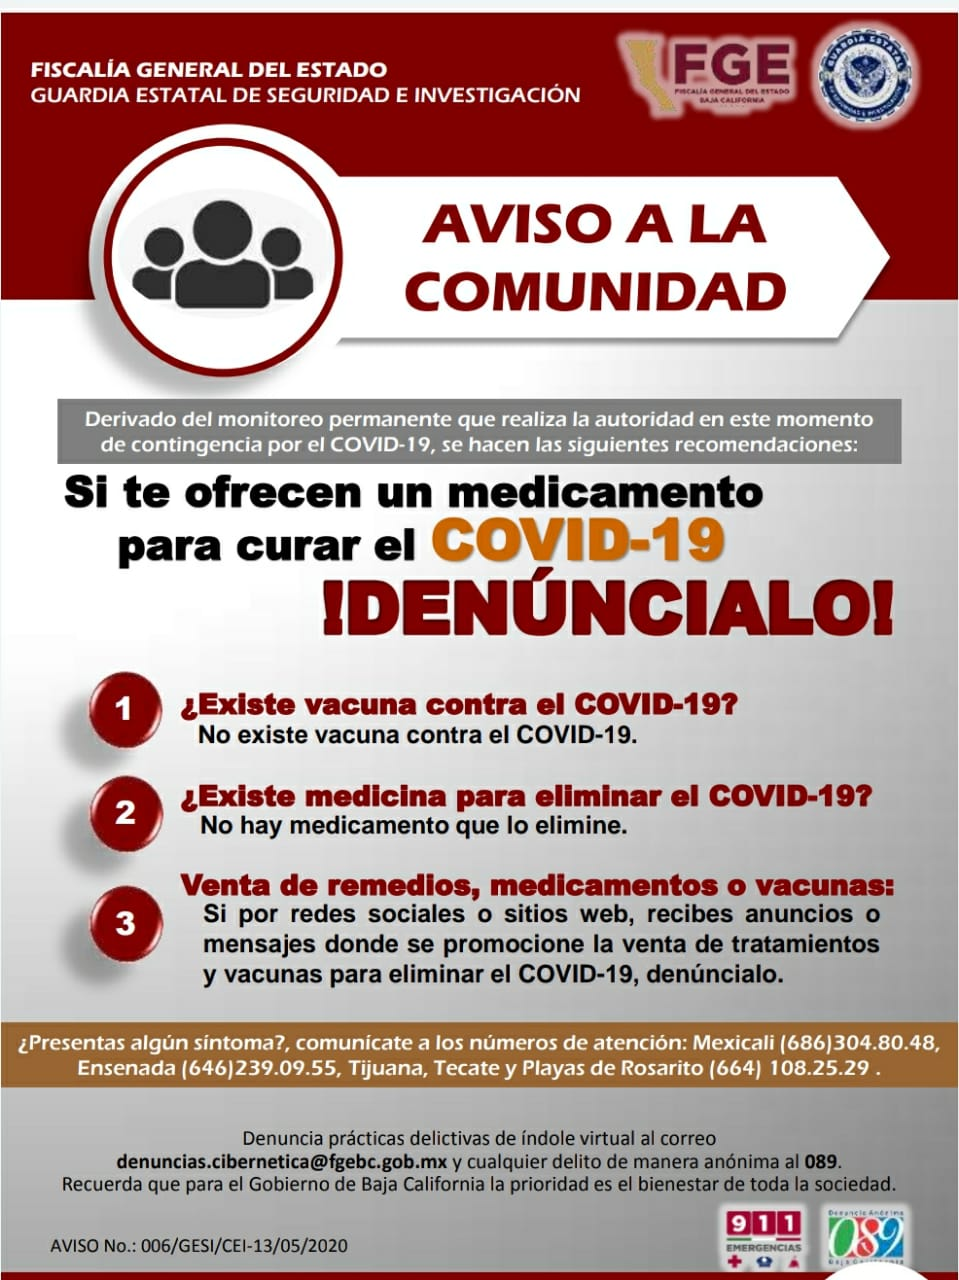 Alertan sobre falsa vacuna o medicamentos contra COVID-19